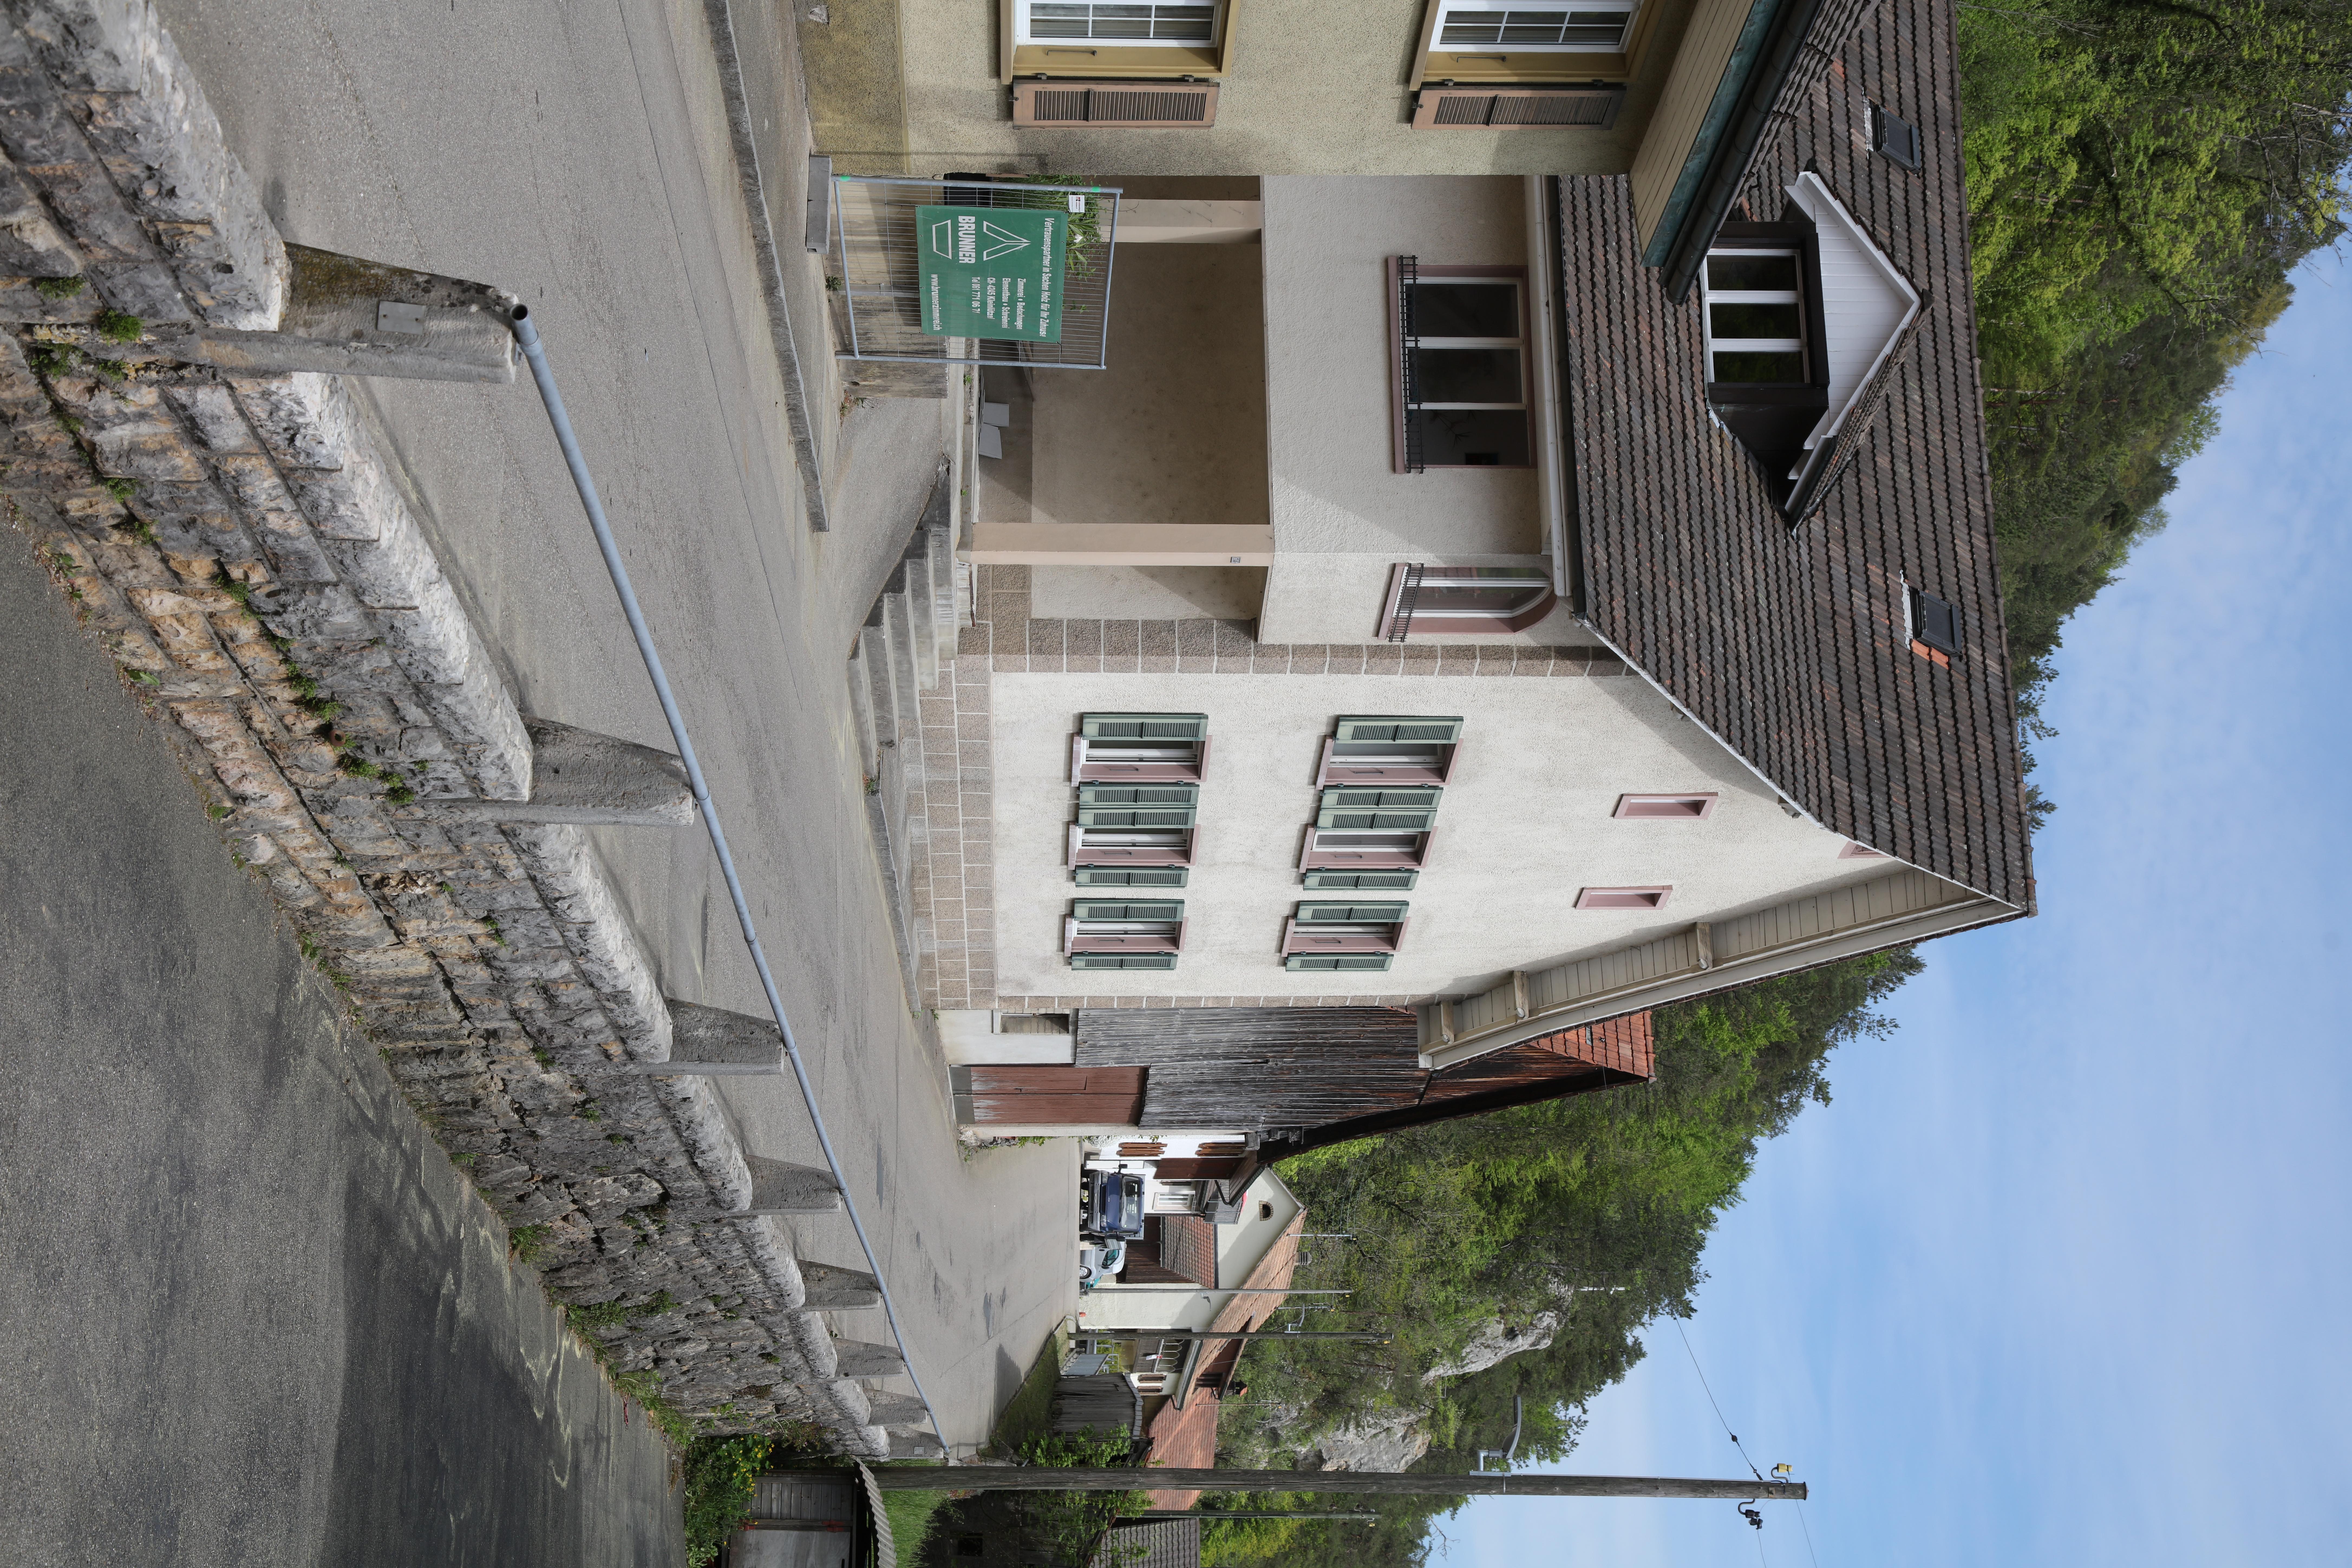 File:Kleinlützel Dorfstrasse Nr74 1K4A9887.jpg - Wikimedia Commons